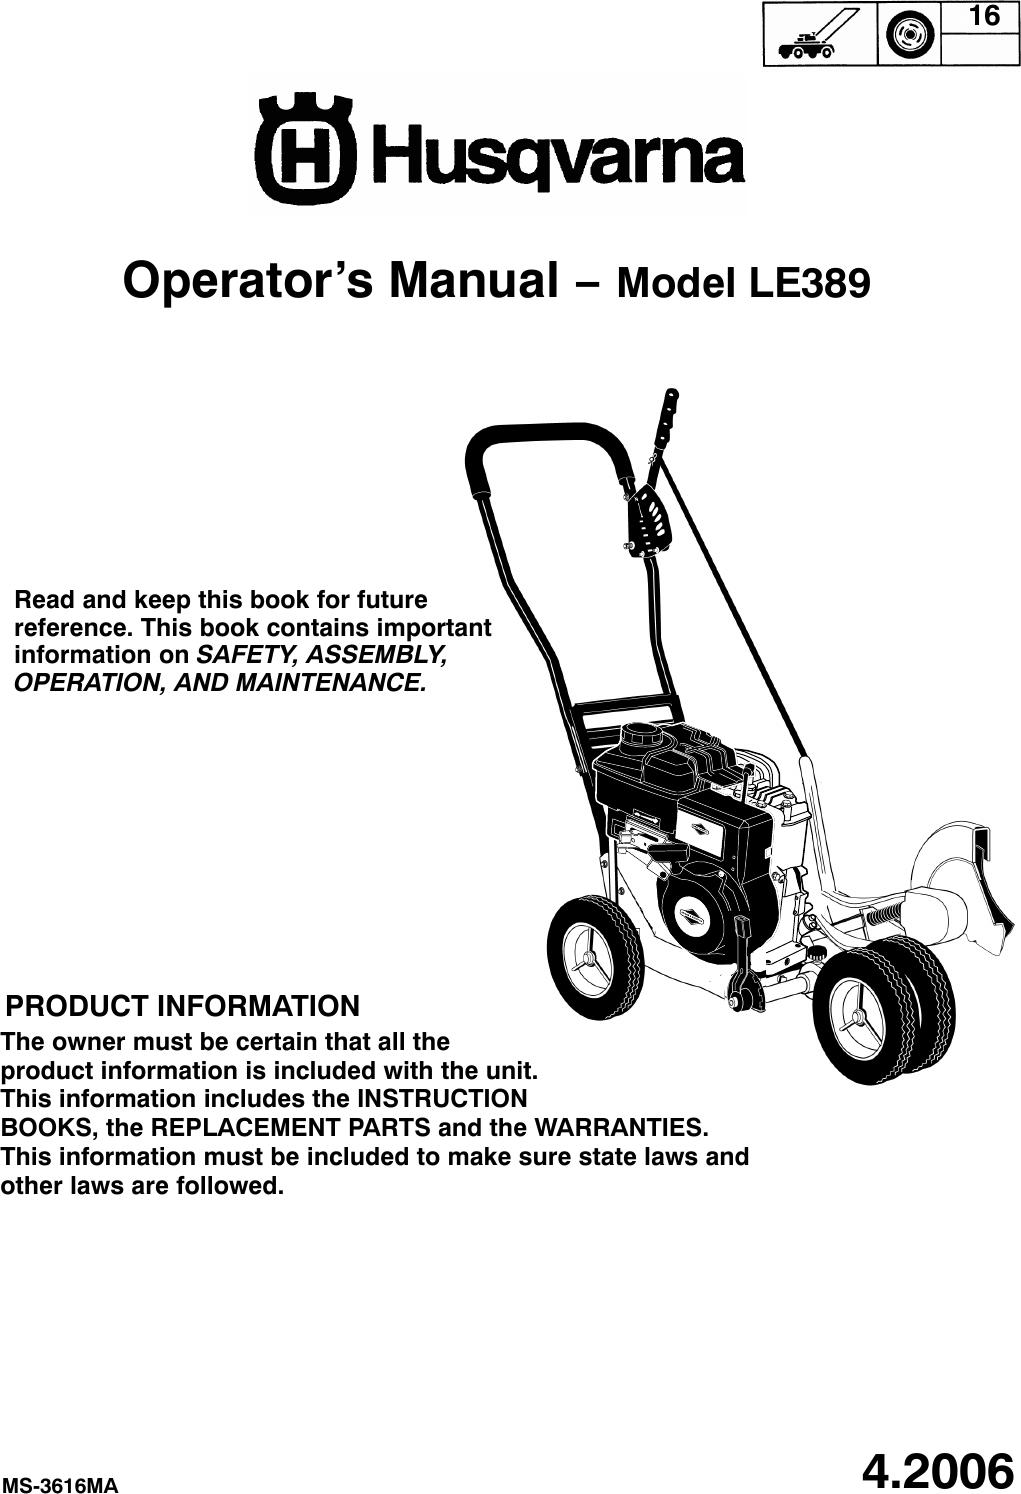 Husqvarna Le389 Users Manual OM, LE 389, 2006 04, Edger